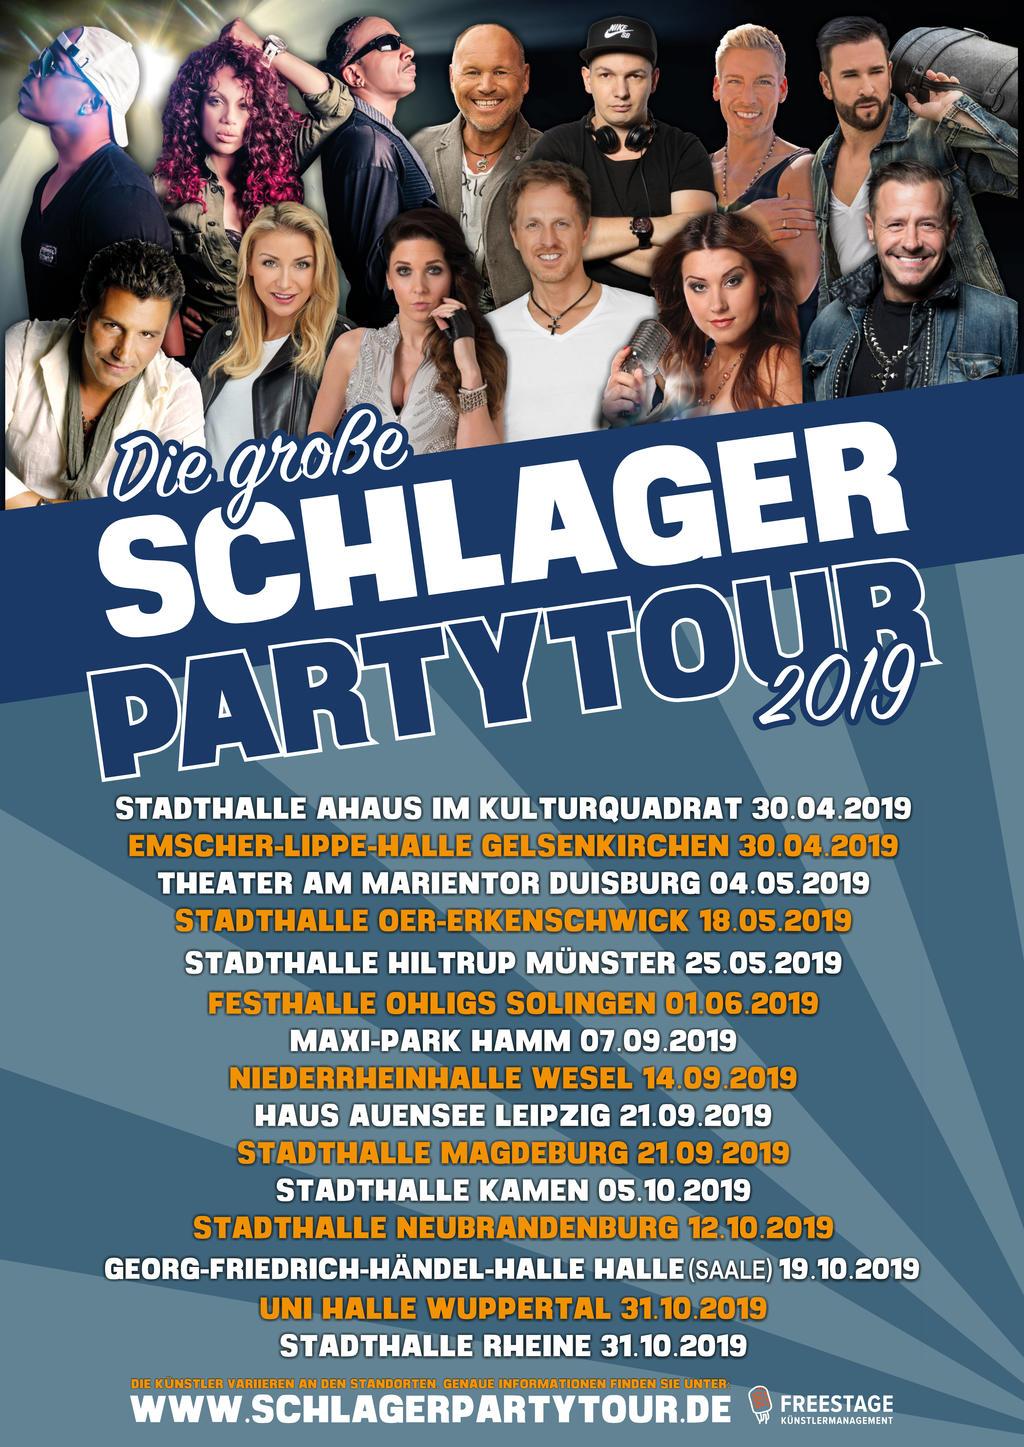 Die große Schlager Partytour 2019 Tickets